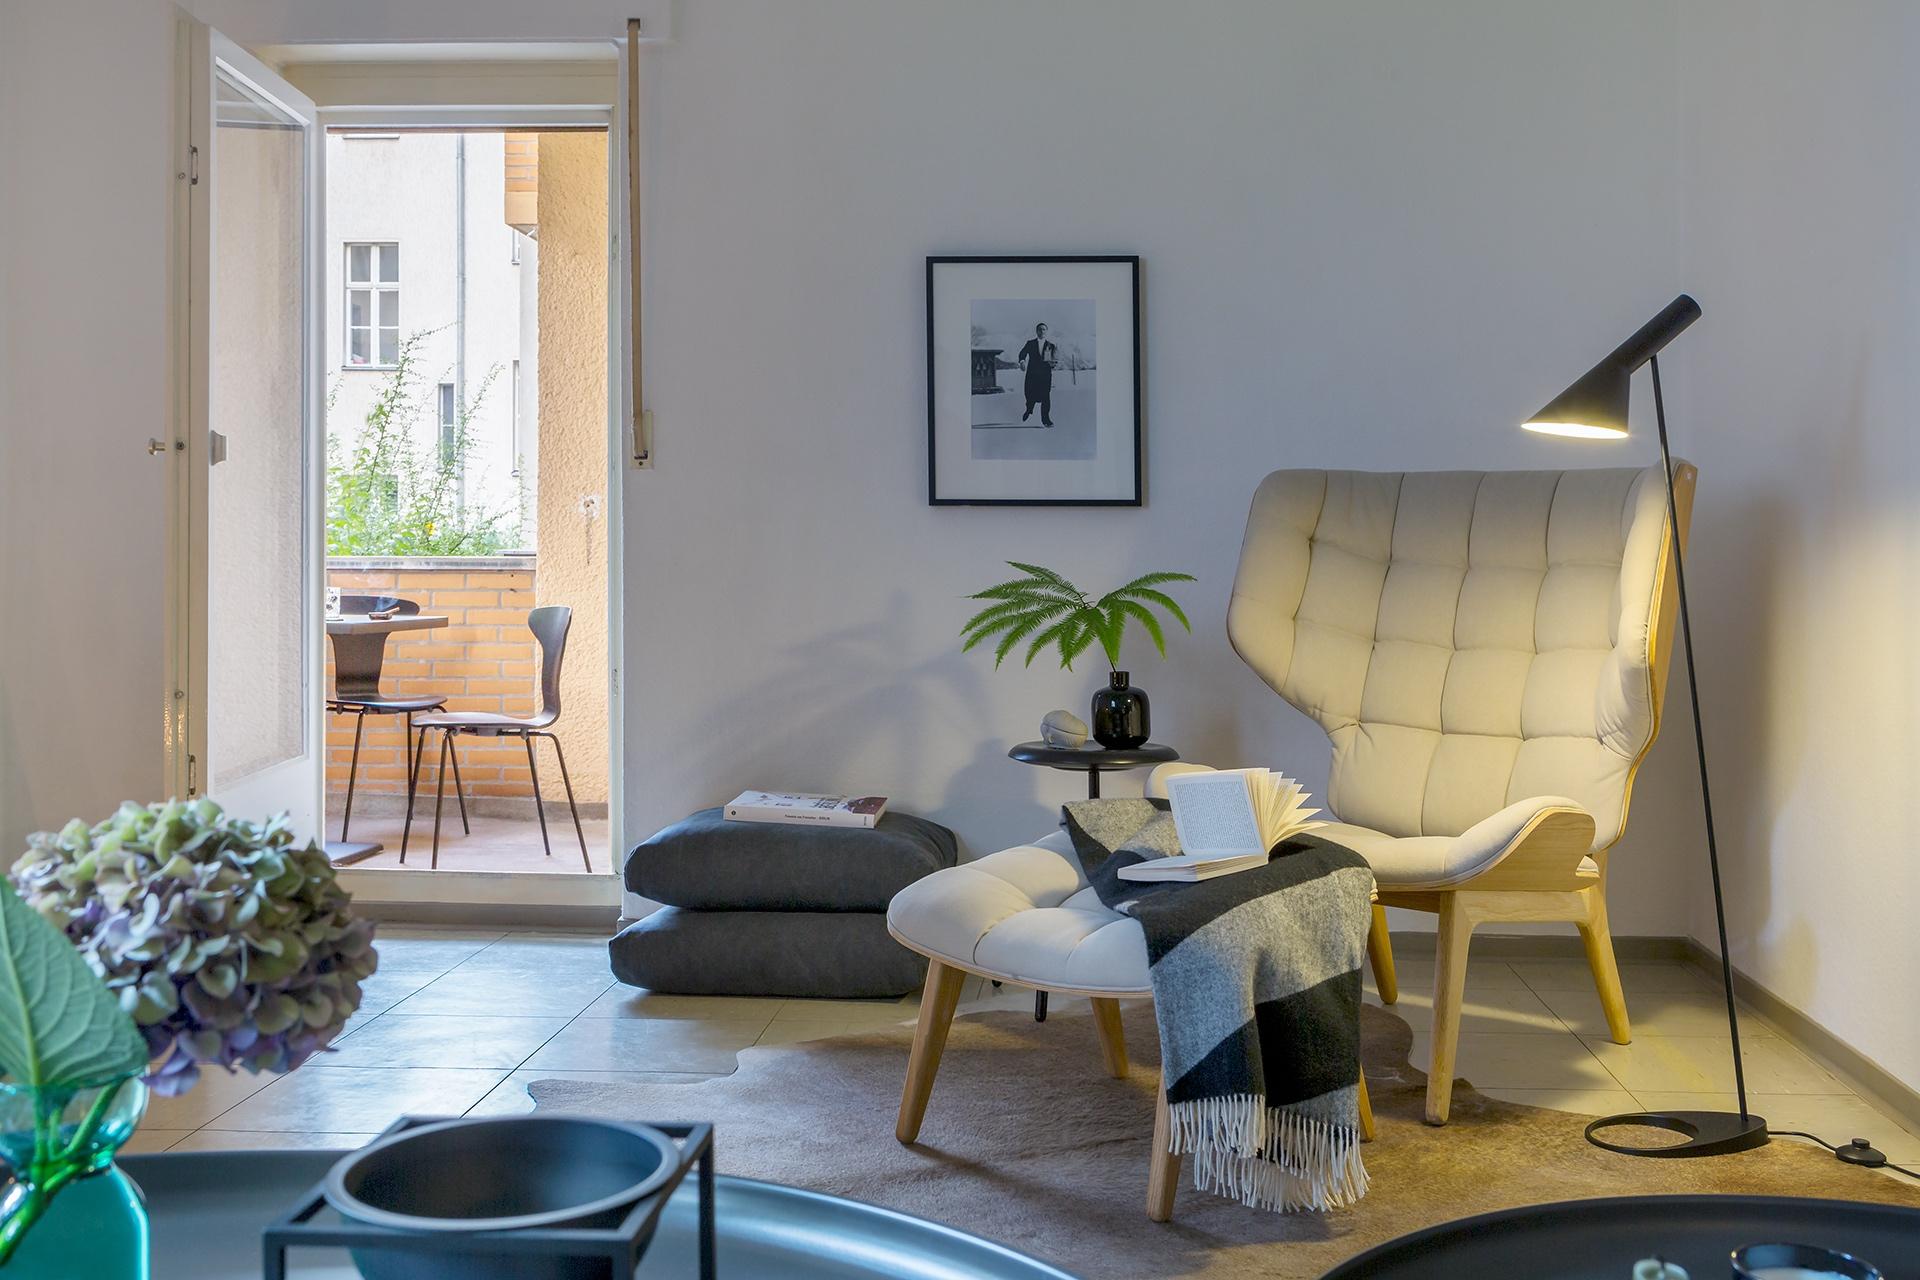 neue wohnmanieren sweet home. Black Bedroom Furniture Sets. Home Design Ideas